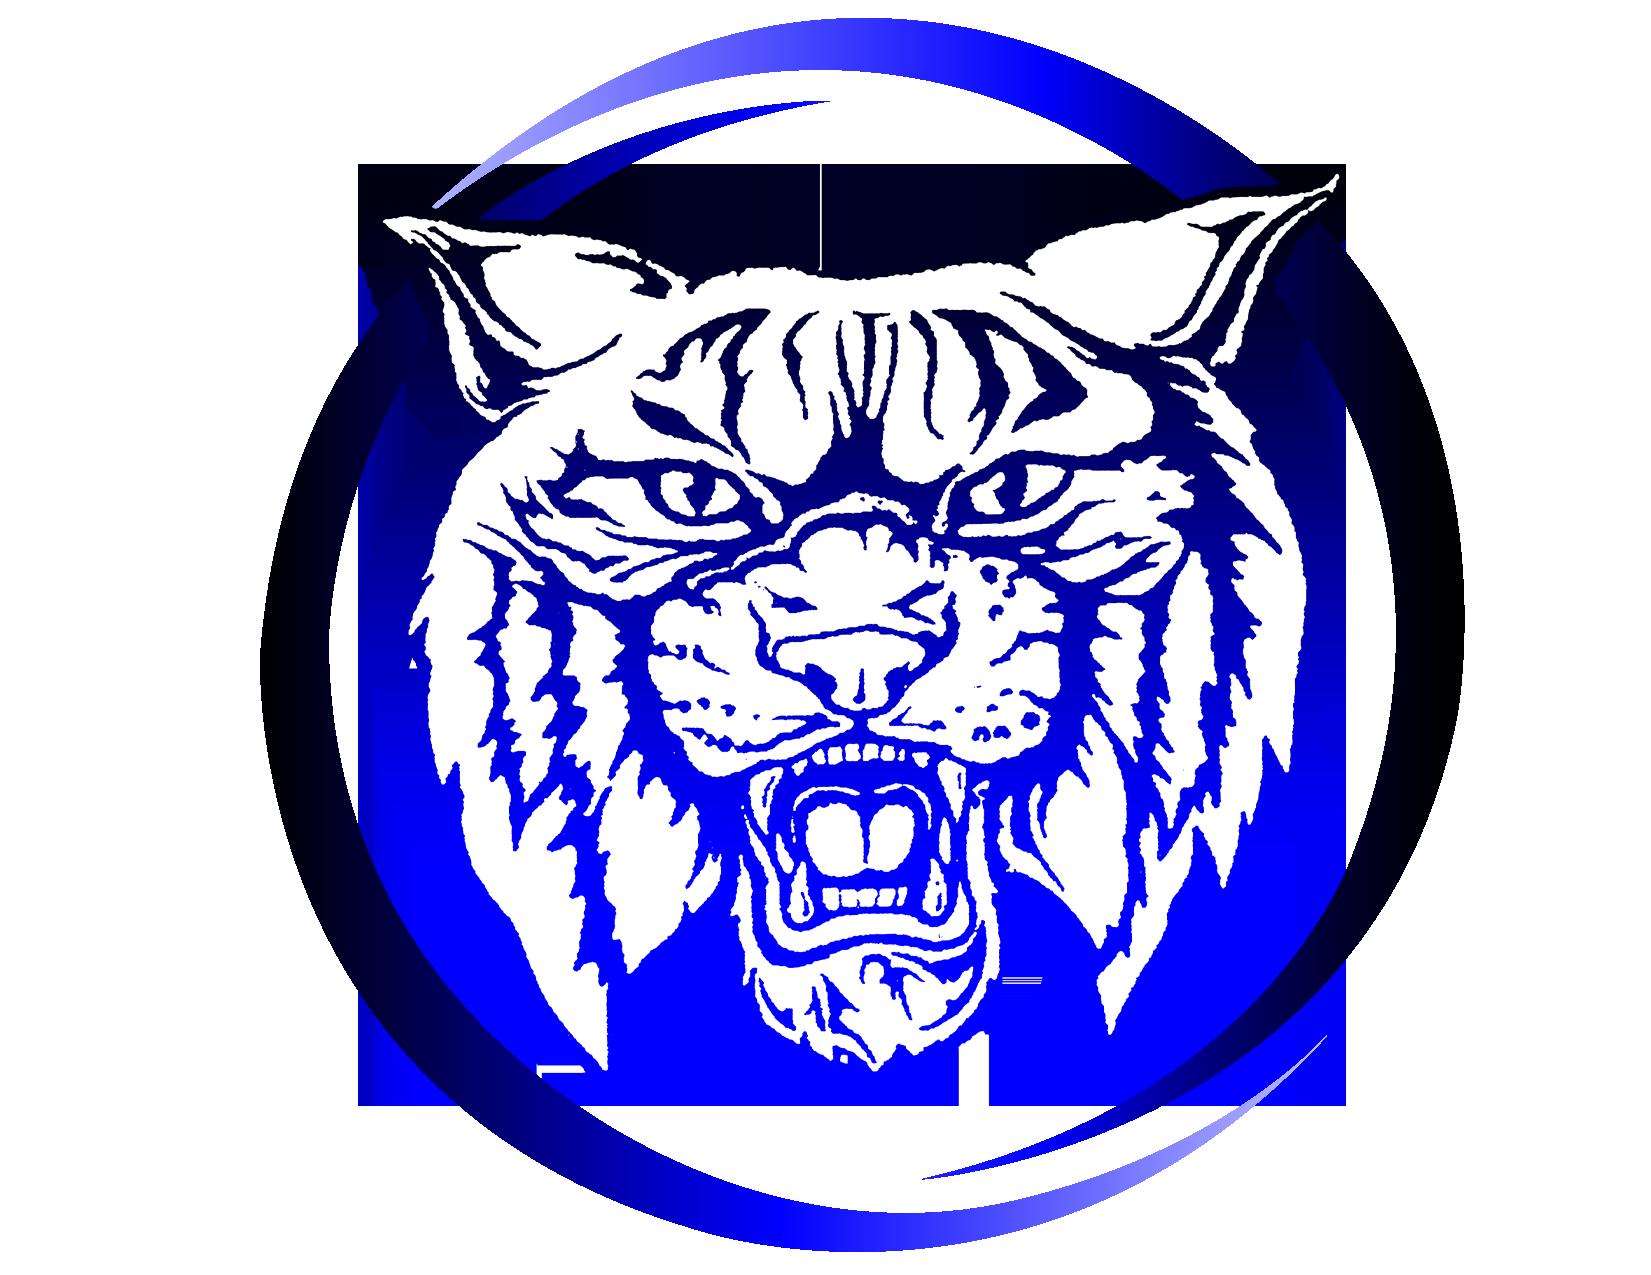 Wildcat head high school logo